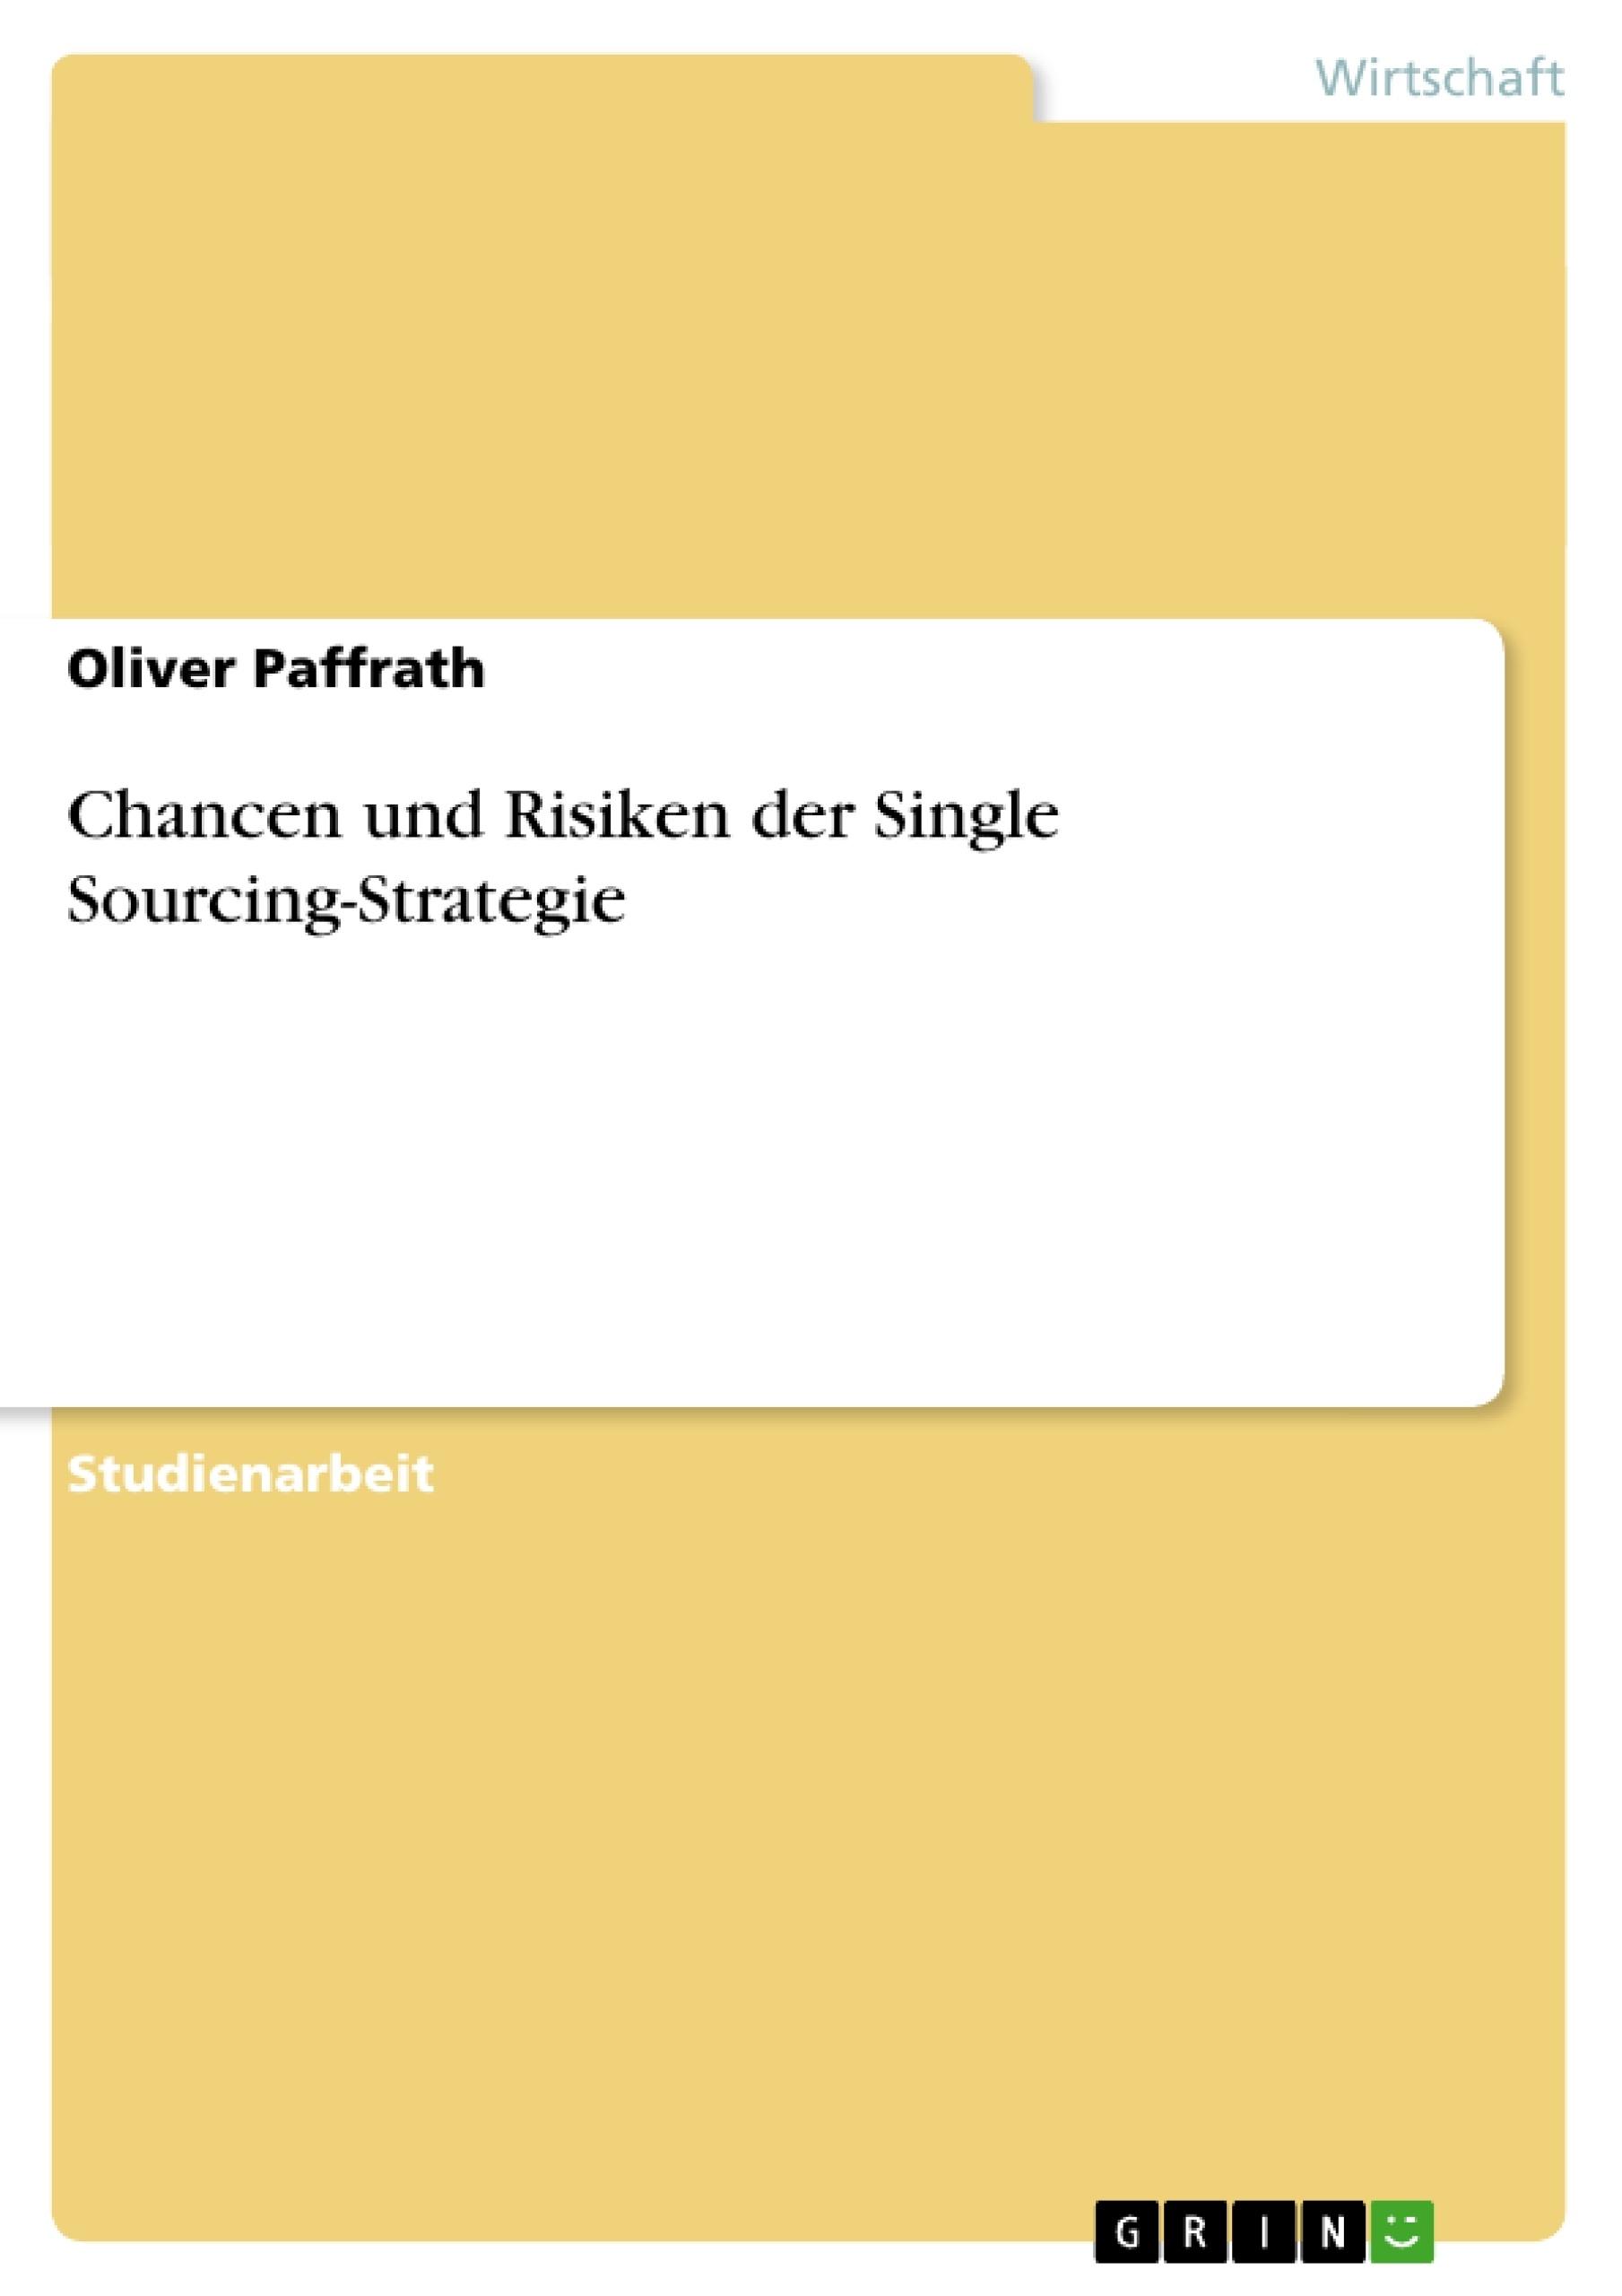 Titel: Chancen und Risiken der Single Sourcing-Strategie